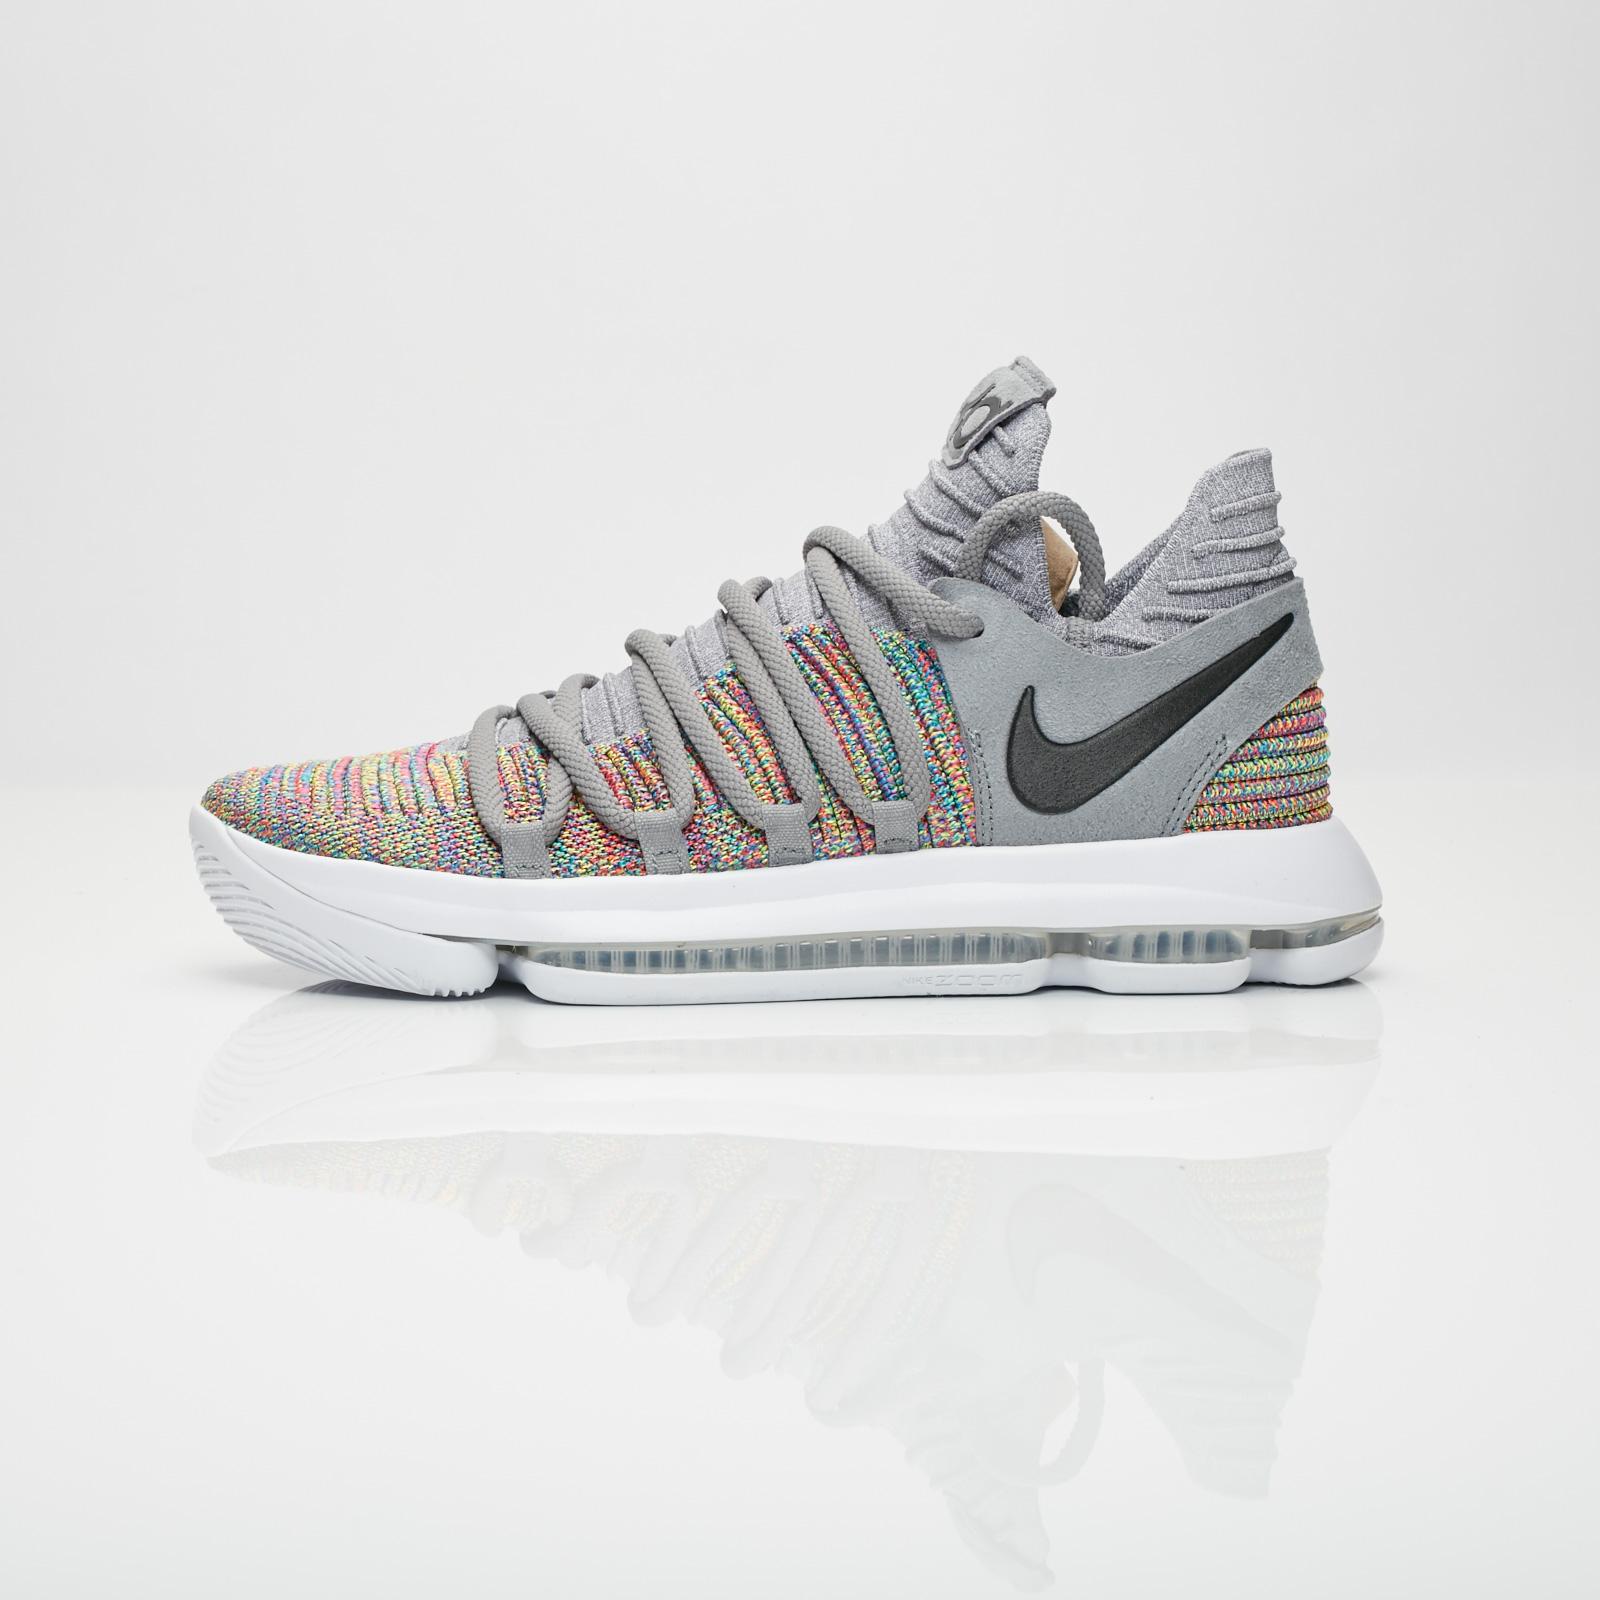 bd24a02591755 Nike Zoom KD10 - 897815-900 - Sneakersnstuff